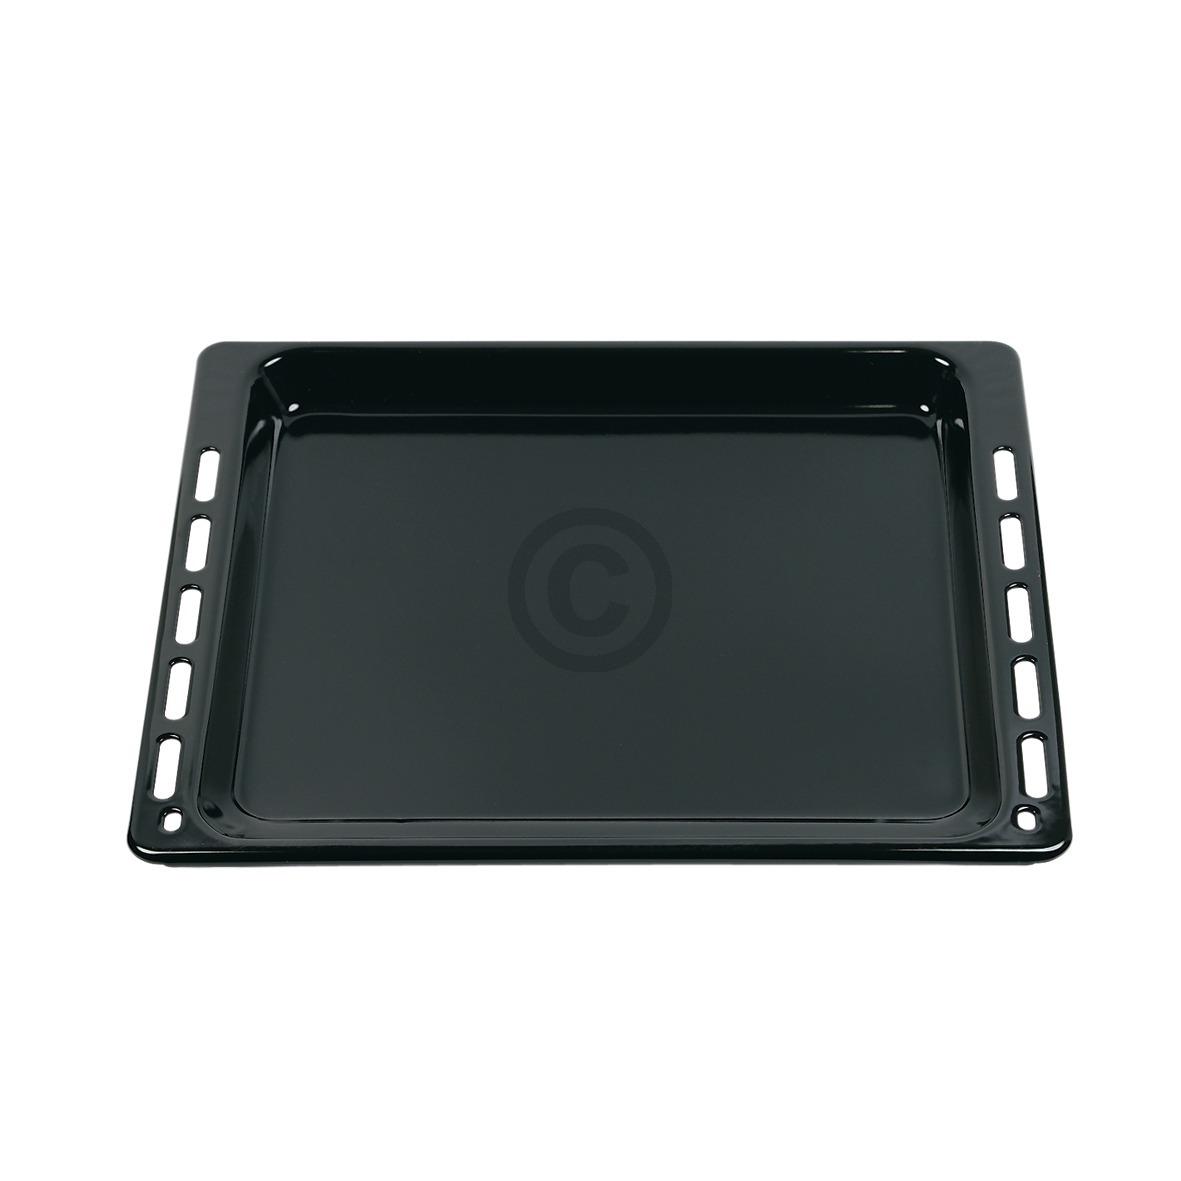 Backblech hoch Whirlpool 481010683239 447x375x33mm NFP35 Fettpfanne emailliert